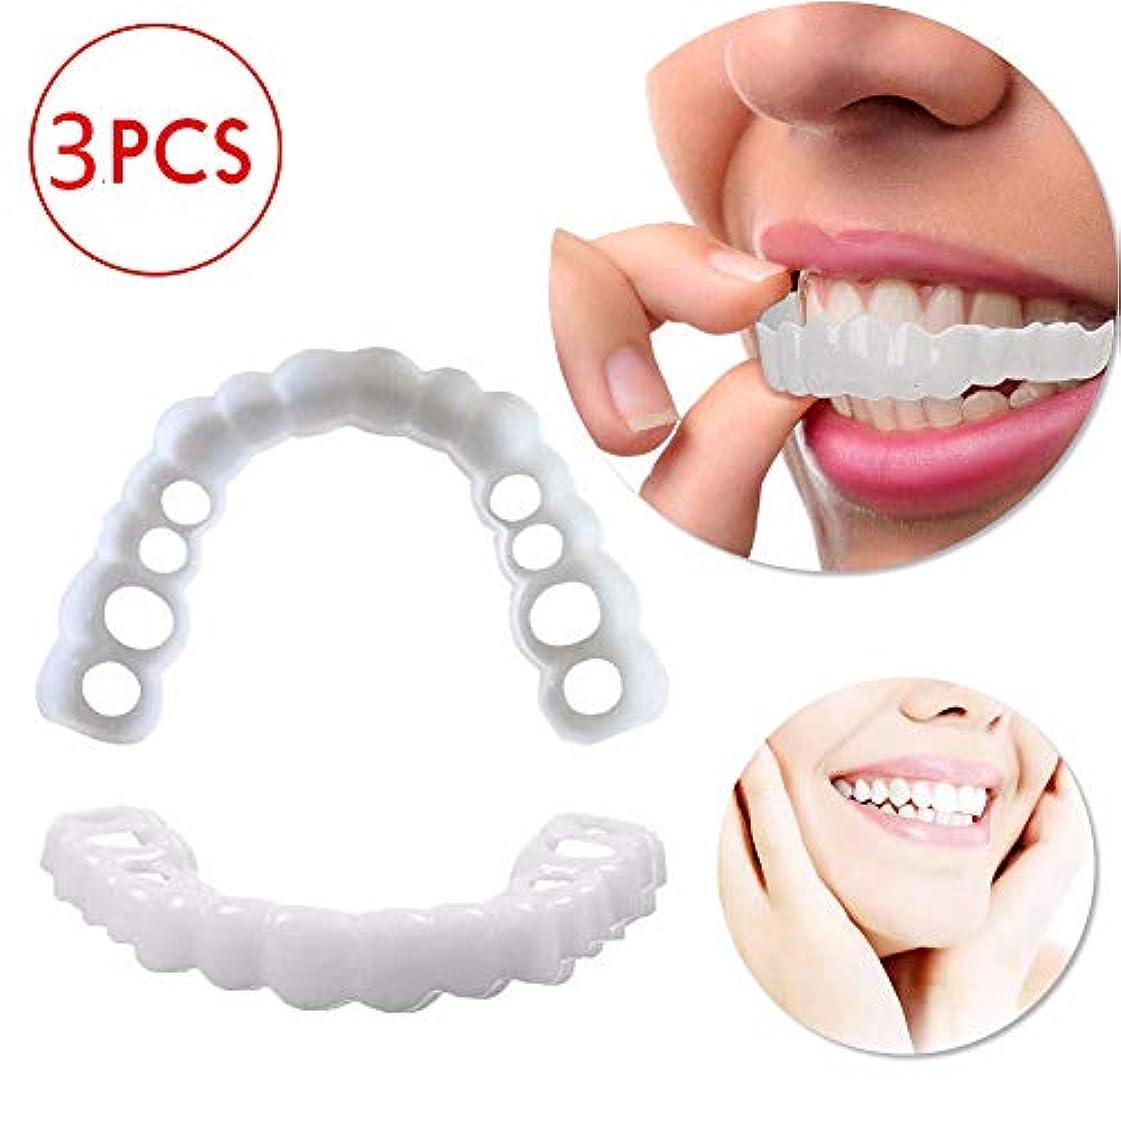 黄ばむバルブコンセンサス3ピース一時的な歯ベニヤブレース歯化粧品ホワイトニング義歯偽歯カバー収納ボックス付き,3pcslowerteeth